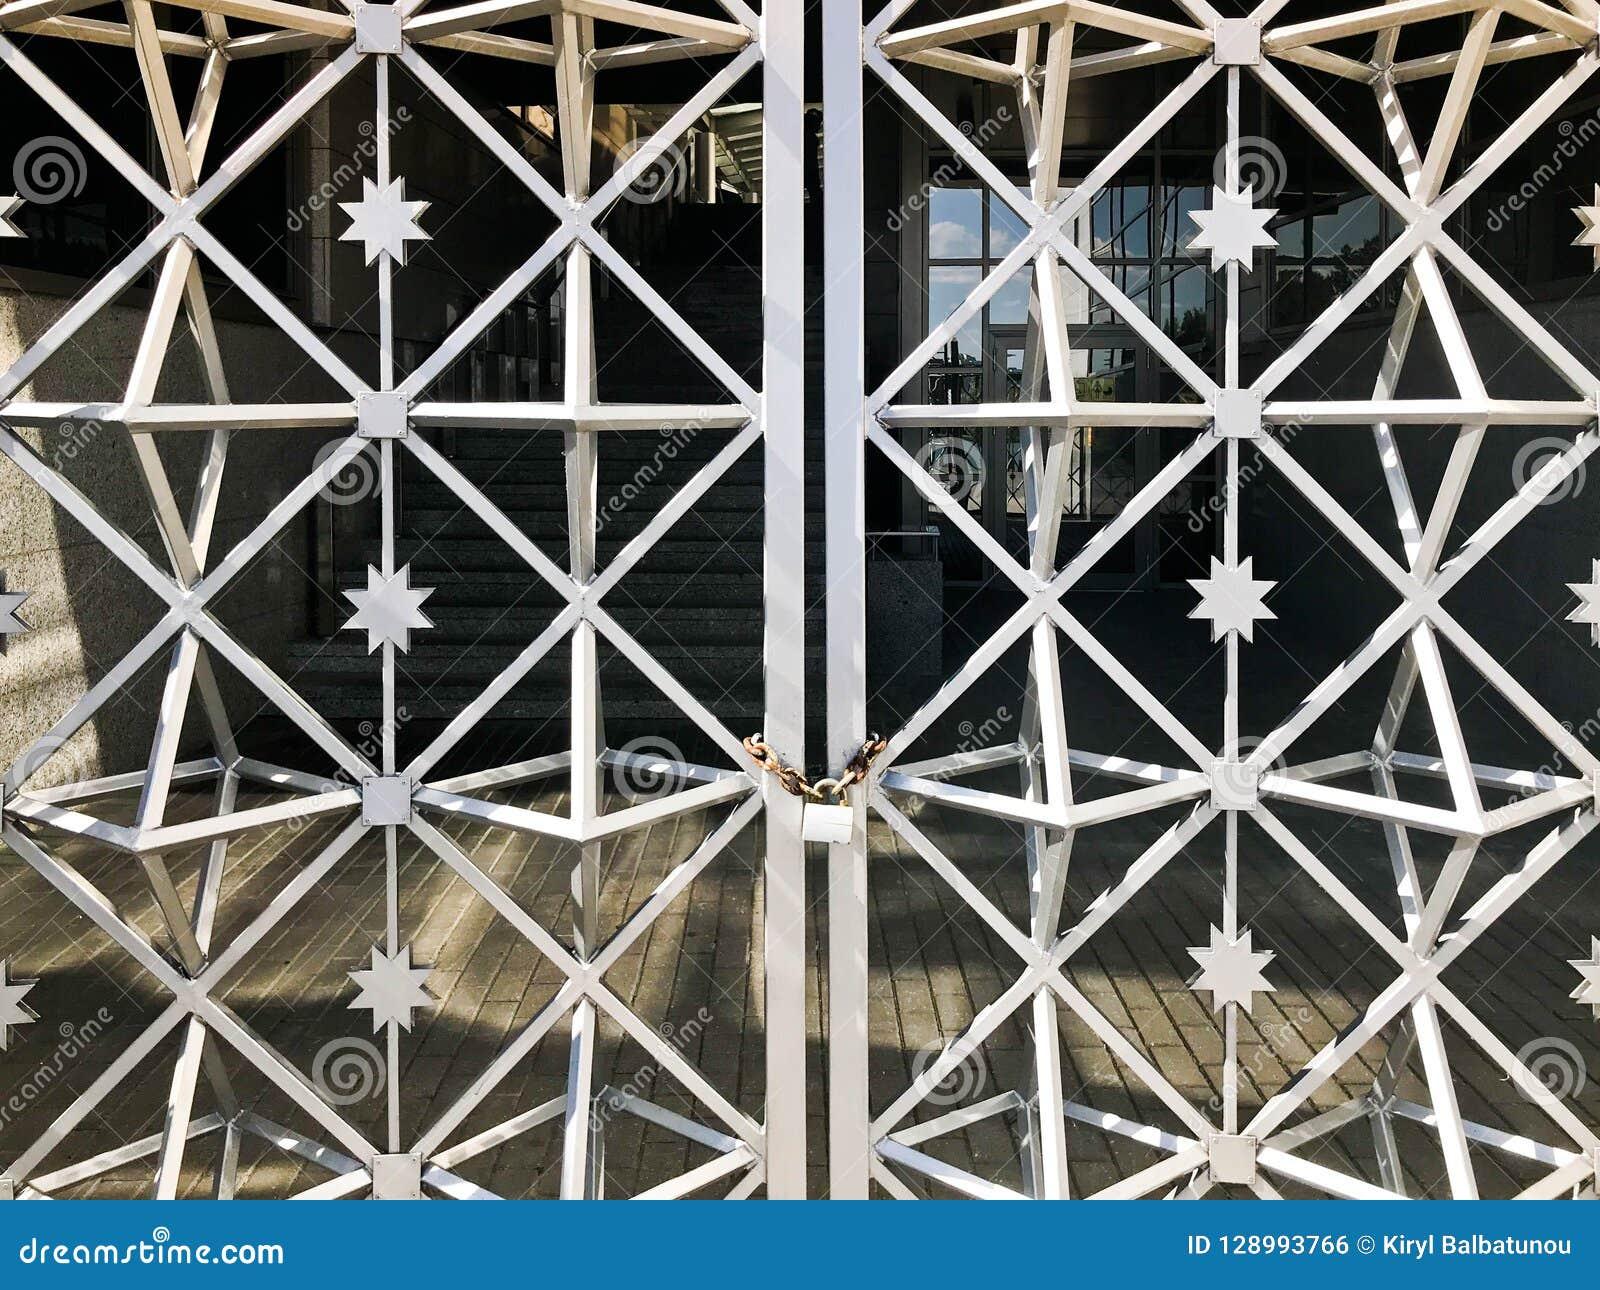 Repassez les portes, barrière de barre en métal congelée sur une vieille chaîne rouillée forte des liens sur une grande serrure d